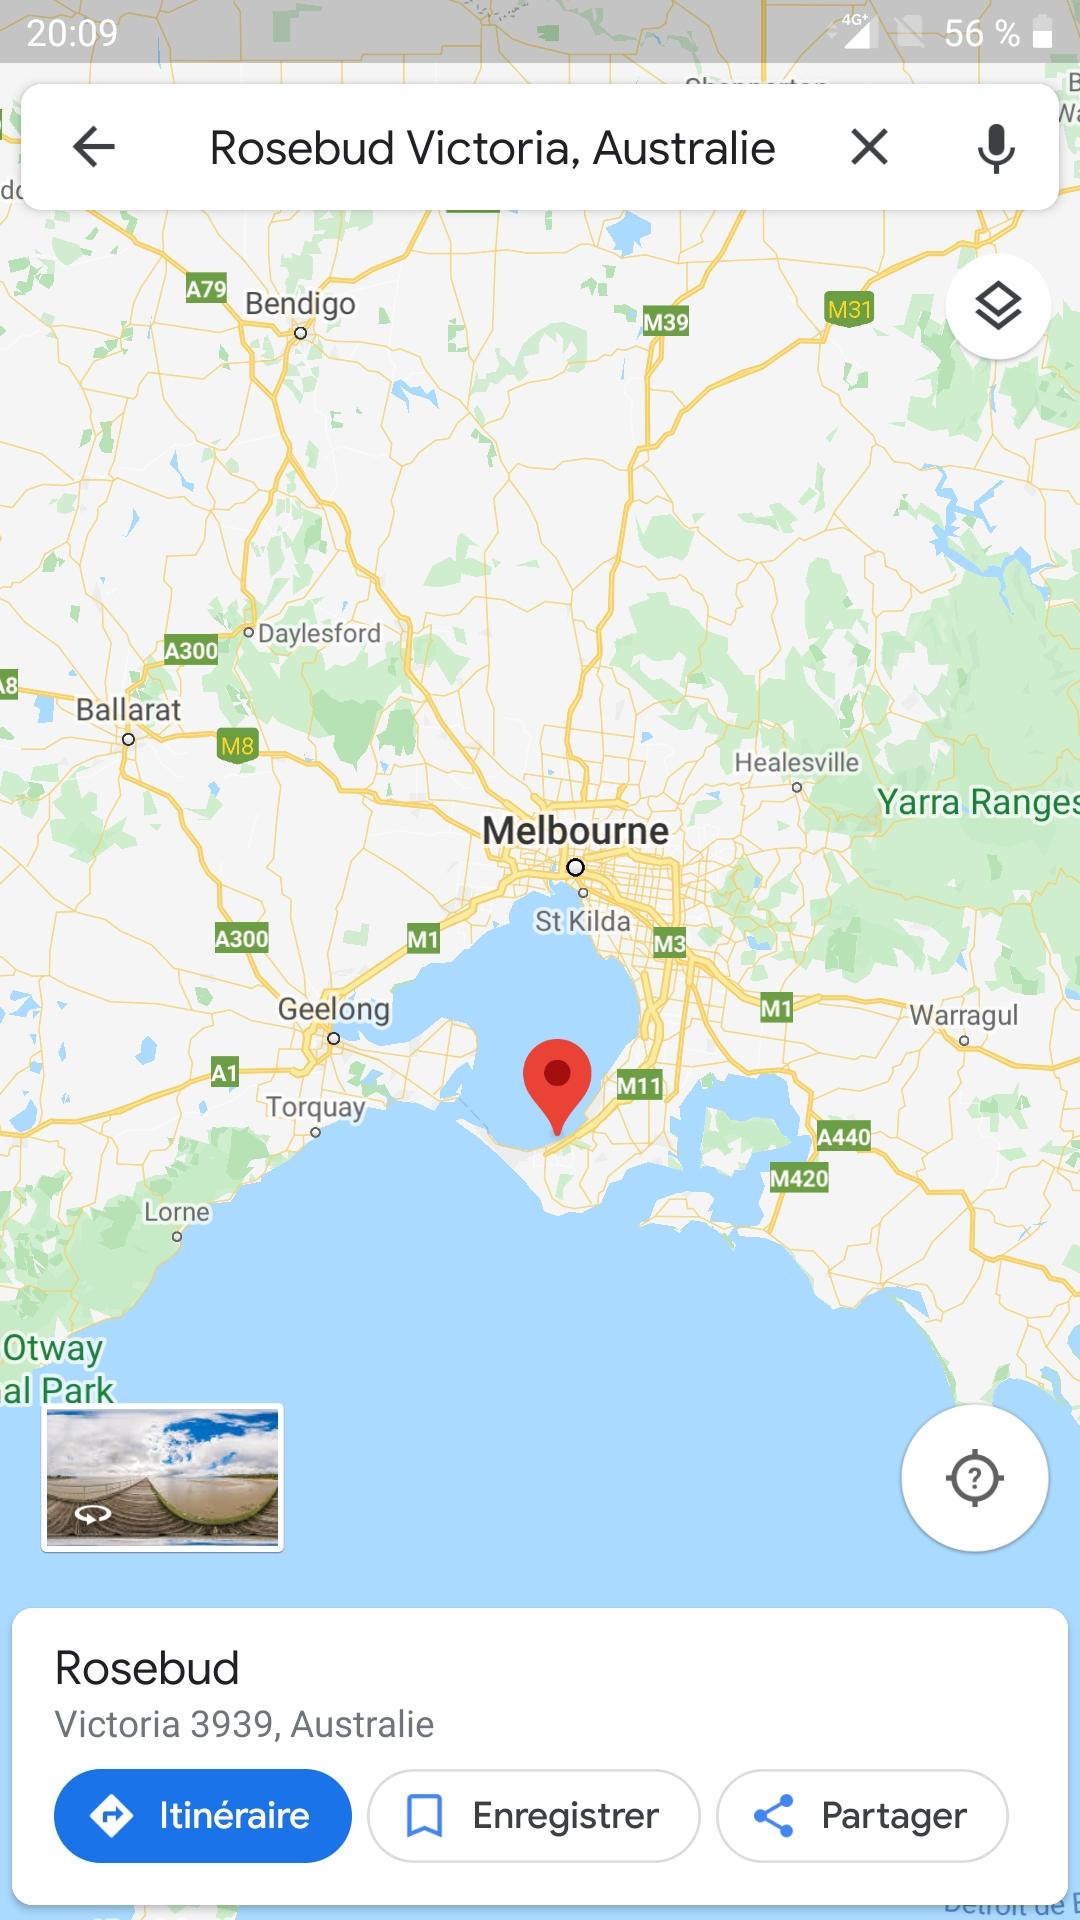 Rosebud est à l'extrémité sud de la baie de Melbourne